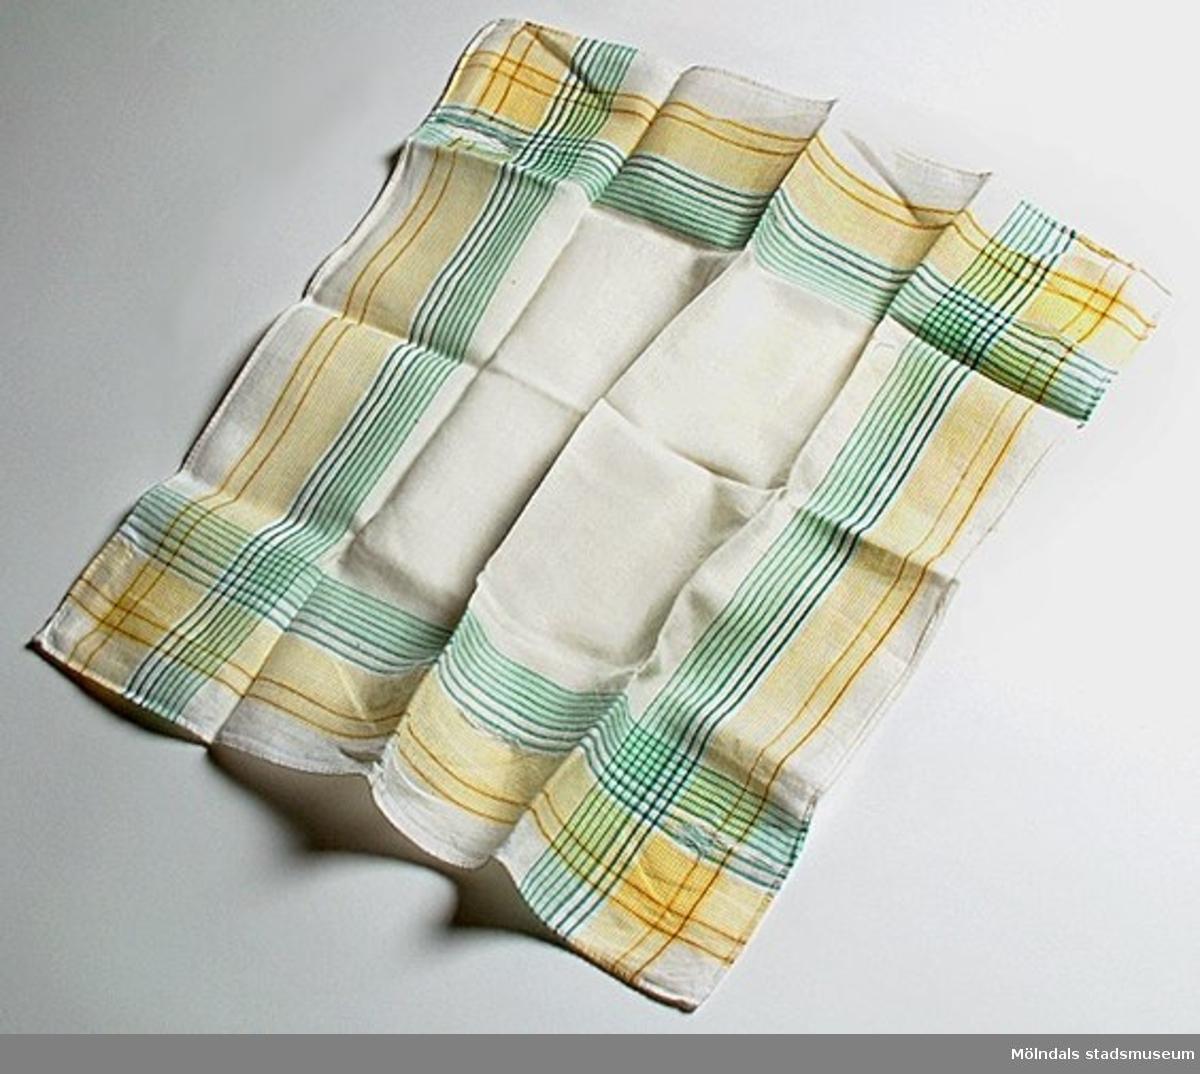 Barnnäsduk av  bomullsbatist, Vit i mitten och med gul och grönrutiga kanter, samt ett K broderat i vitt i ett av hörnena.  Näsduken är trasig på några ställen, väl använd.Som barn skulle givaren alltid ha en ren näsduk i fickan. Ju mer tvättad den blev, desto mjukare och skönare var den att använda - ända tills den gick sönder.